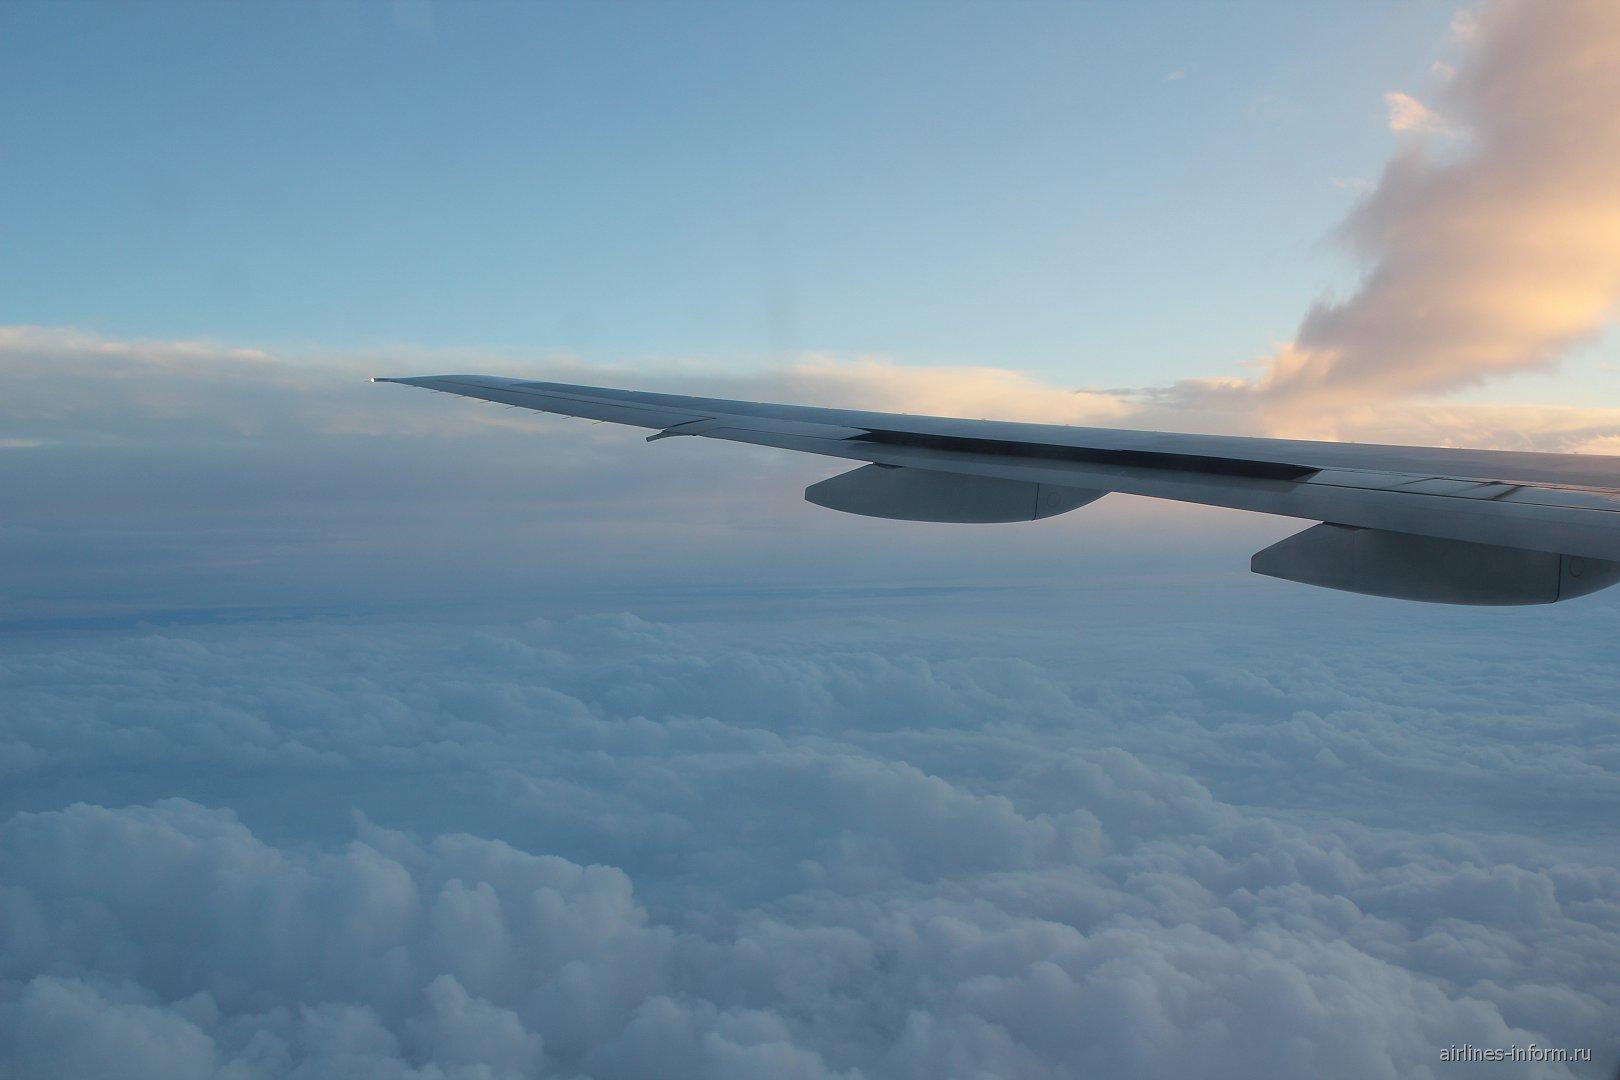 Рейс Москва-Новосибирск авиакомпании Трансаэро